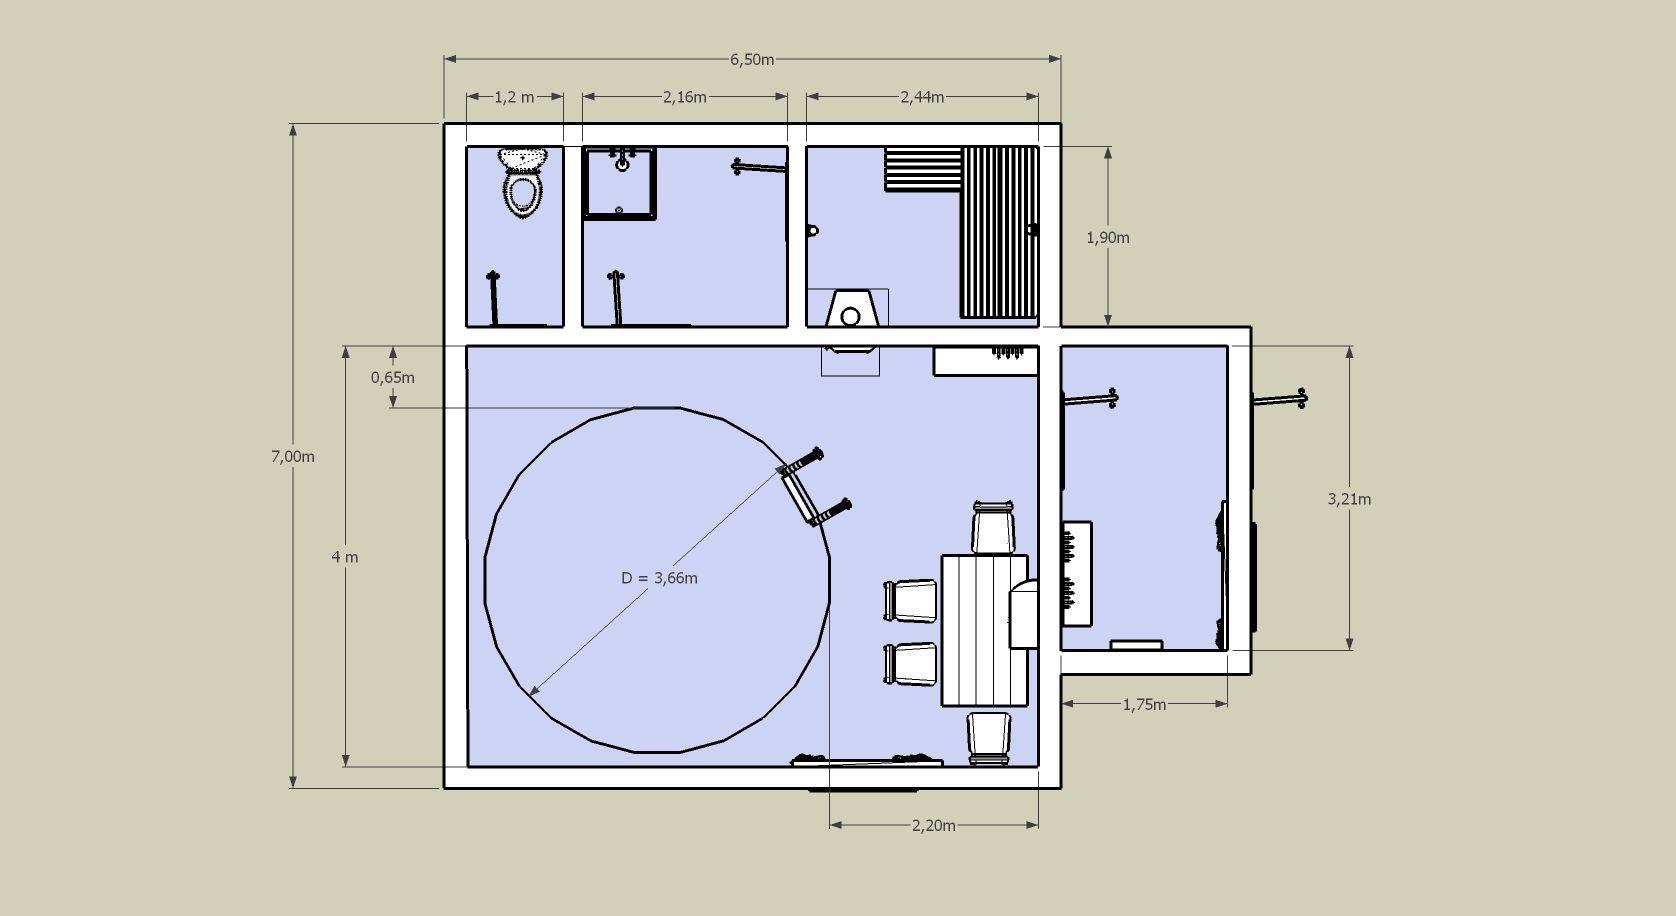 Баня с бассейном из кирпича, проекты кирпичных бань с бассейном на приусадебном участке: как построить одноэтажную баню с сауной, комнатой отдыха и бассейном - morevdome.com